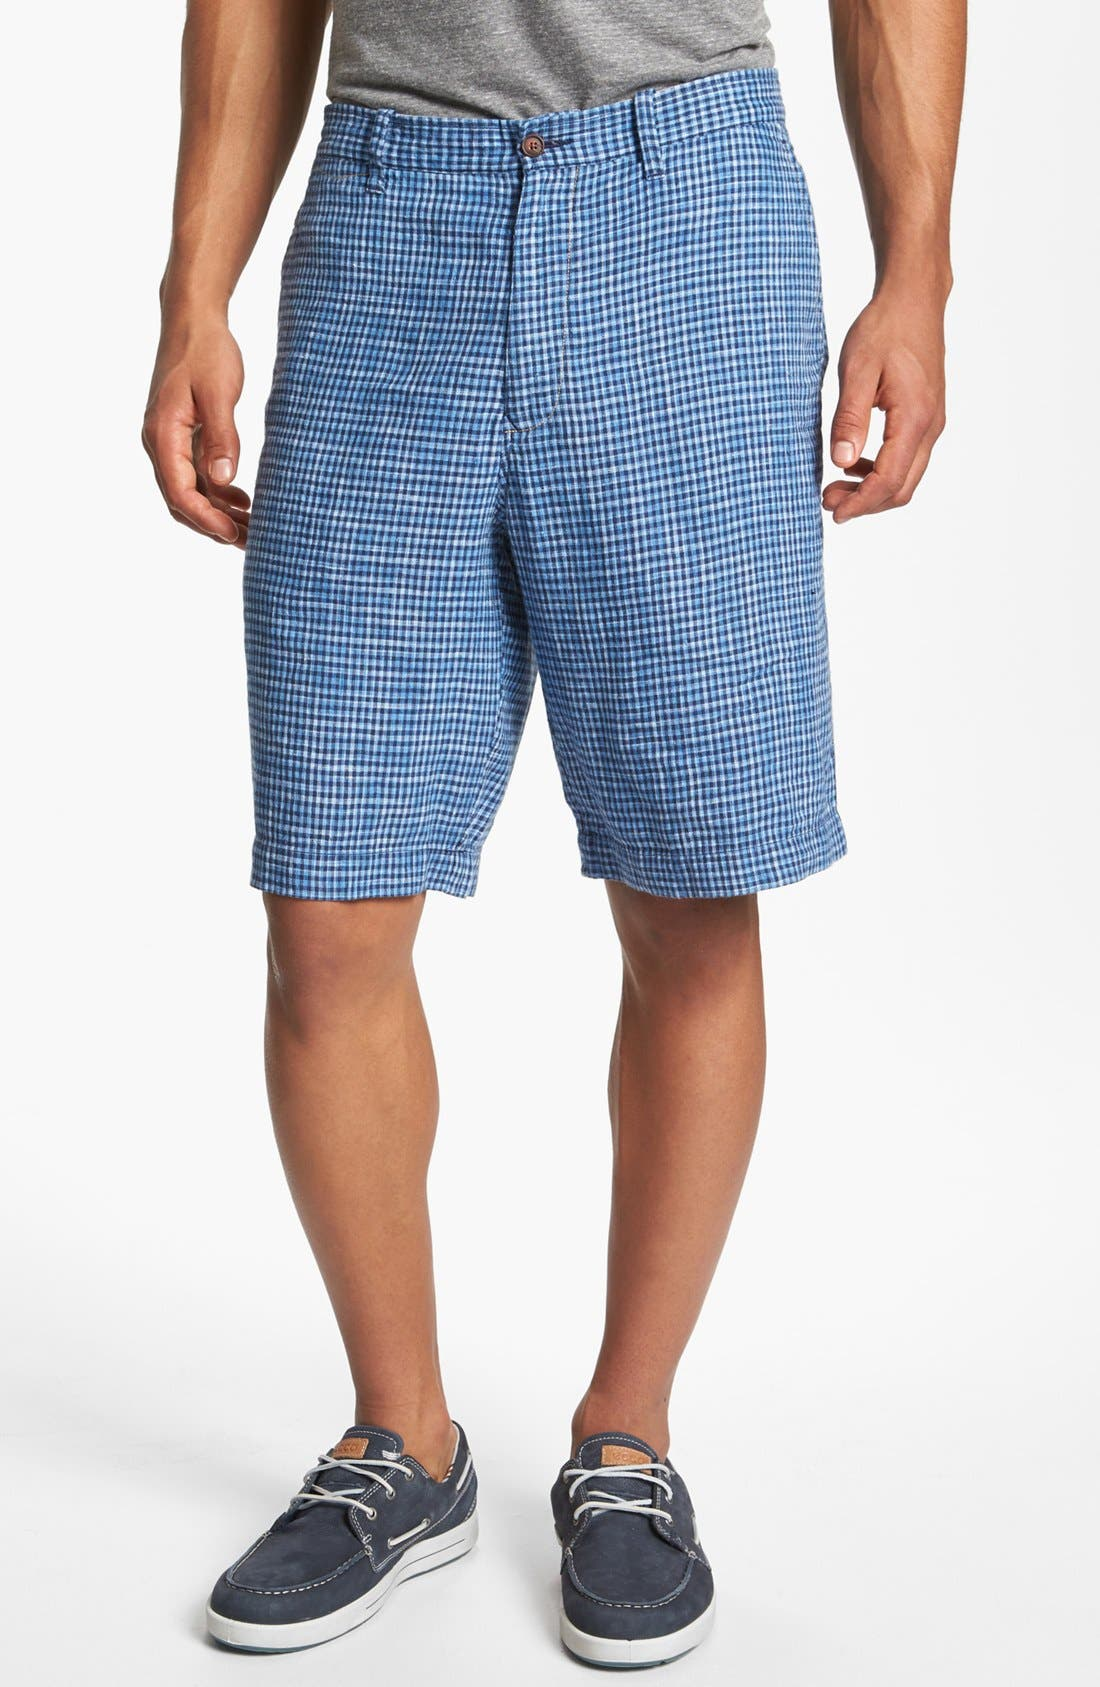 Main Image - Tommy Bahama 'Checka Colada' Shorts